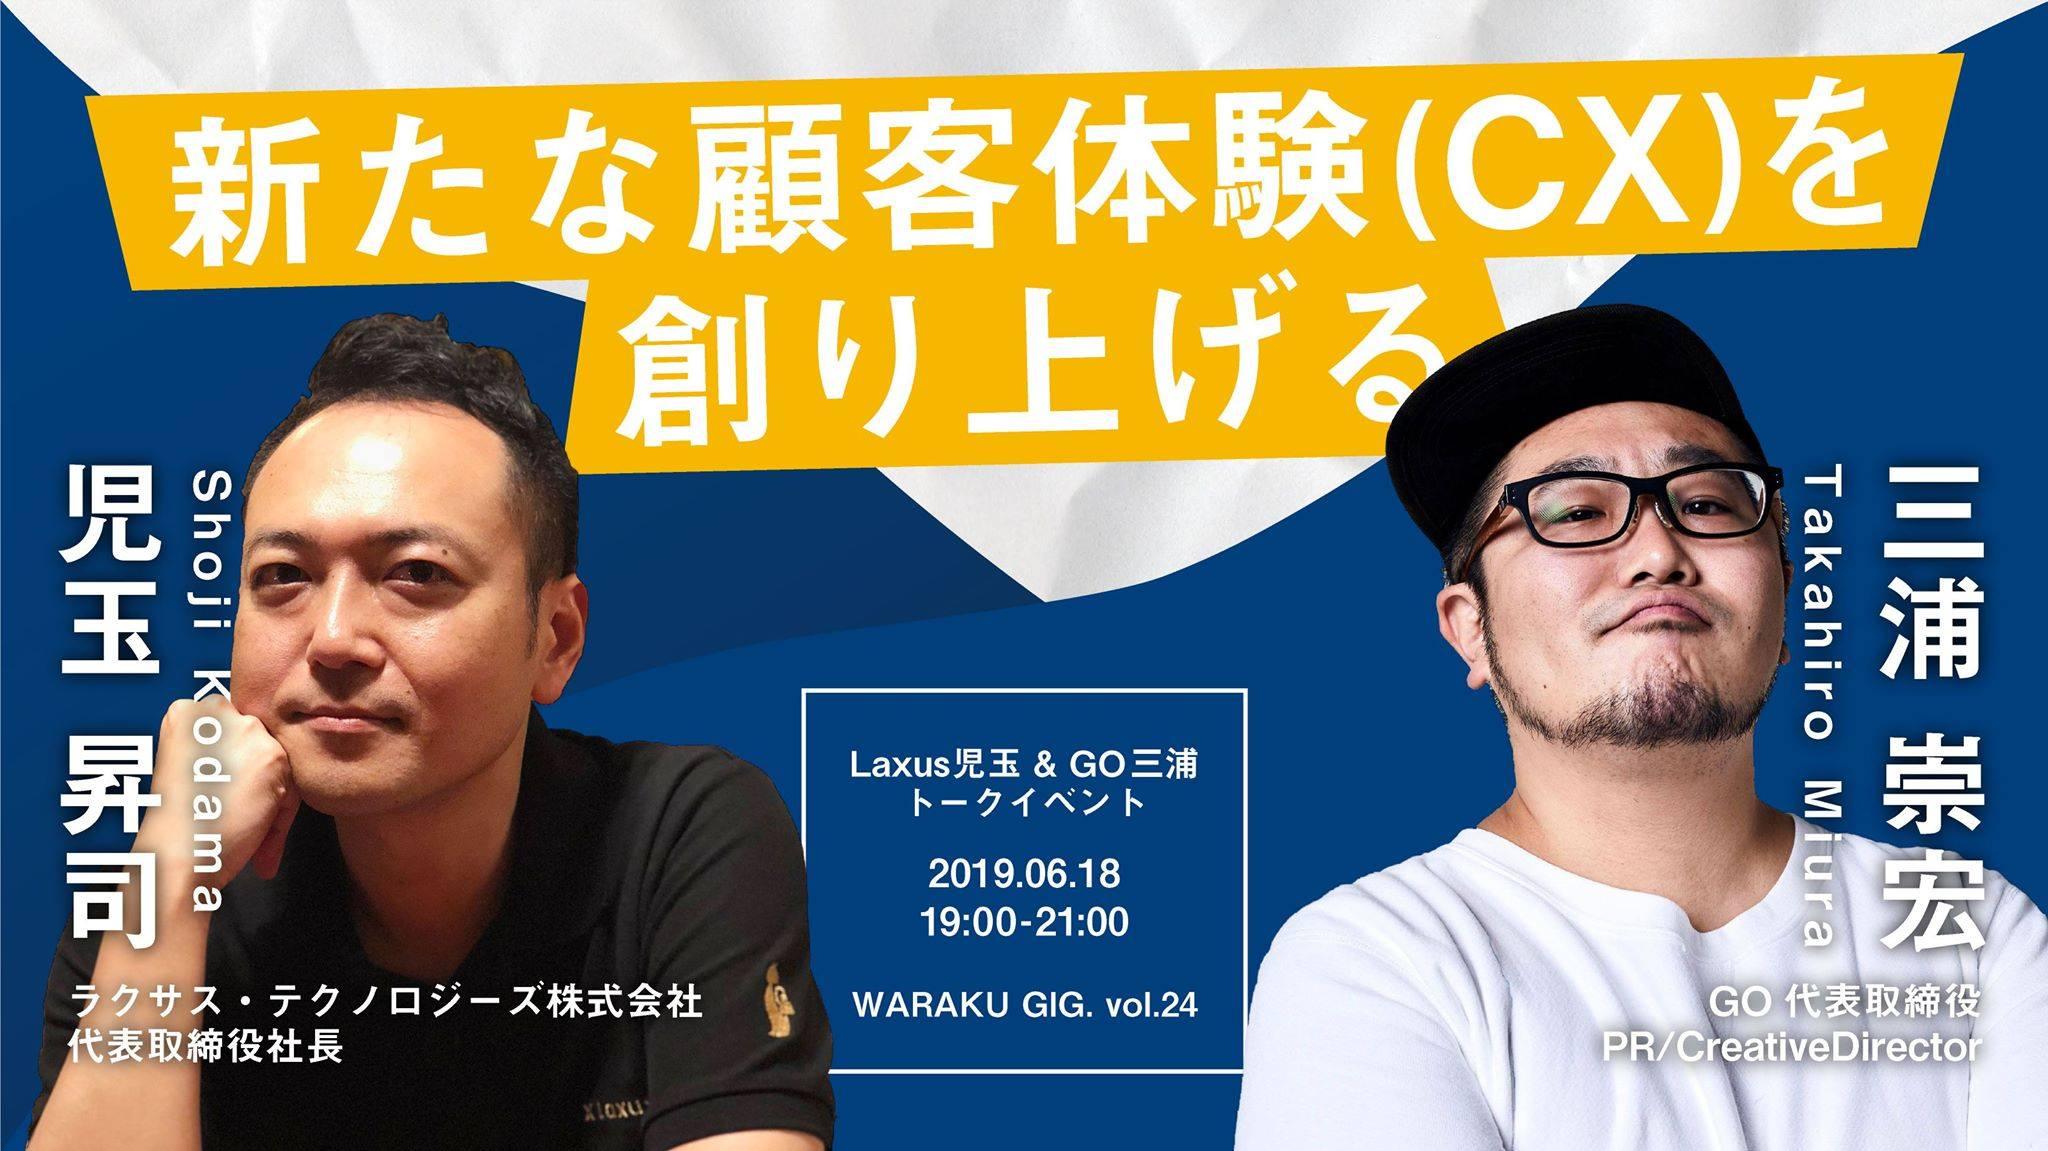 """新たな顧客体験(CX)を創り上げる""""Laxus児玉 & GO三浦""""トークイベント〜Waraku GI..."""